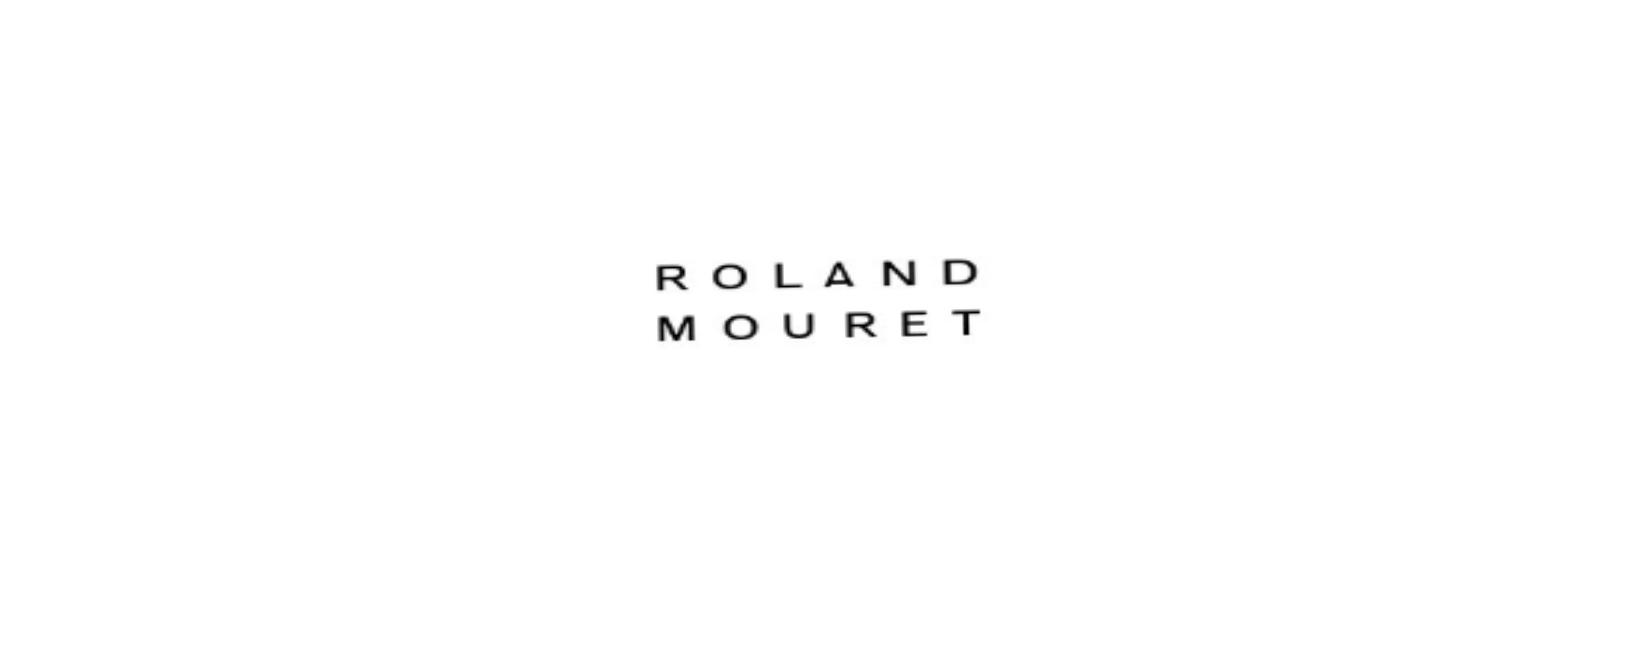 Roland Mouret UK Discount Code 2021